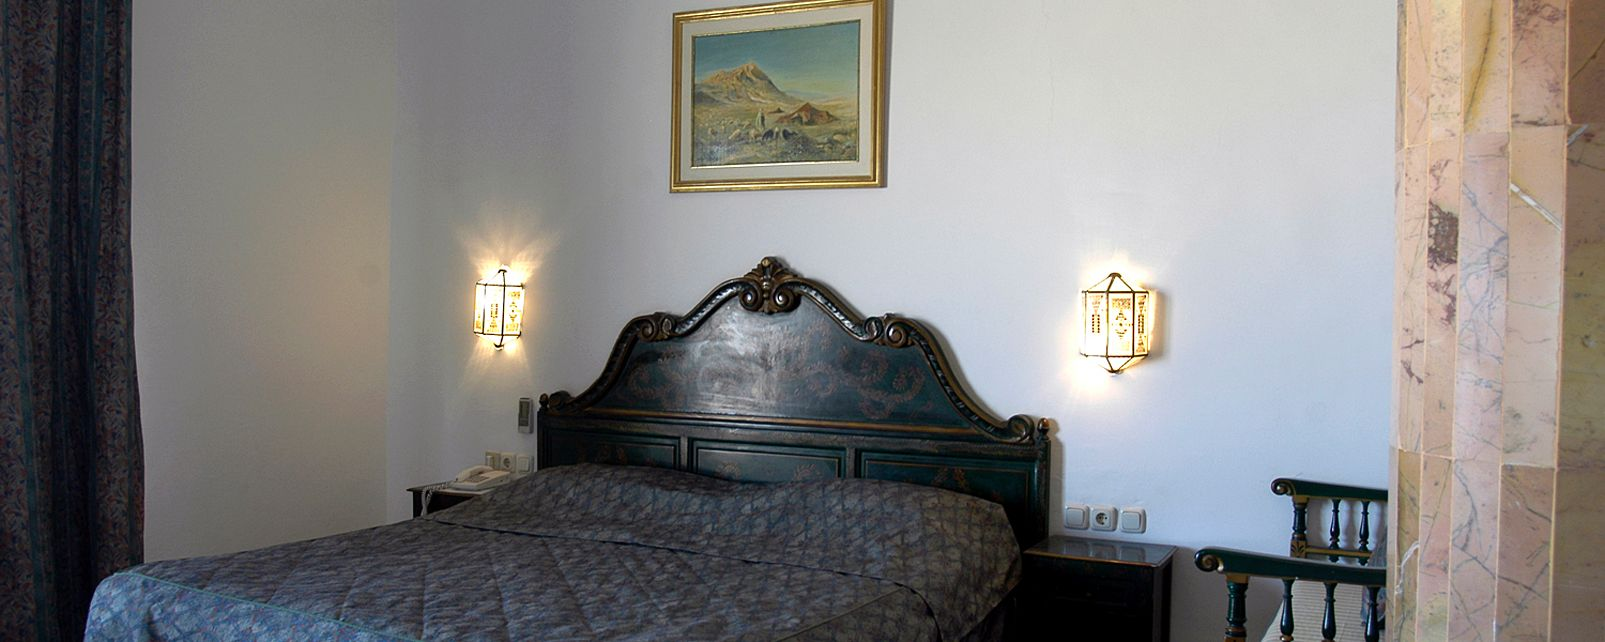 Hotel Ksar Djerid